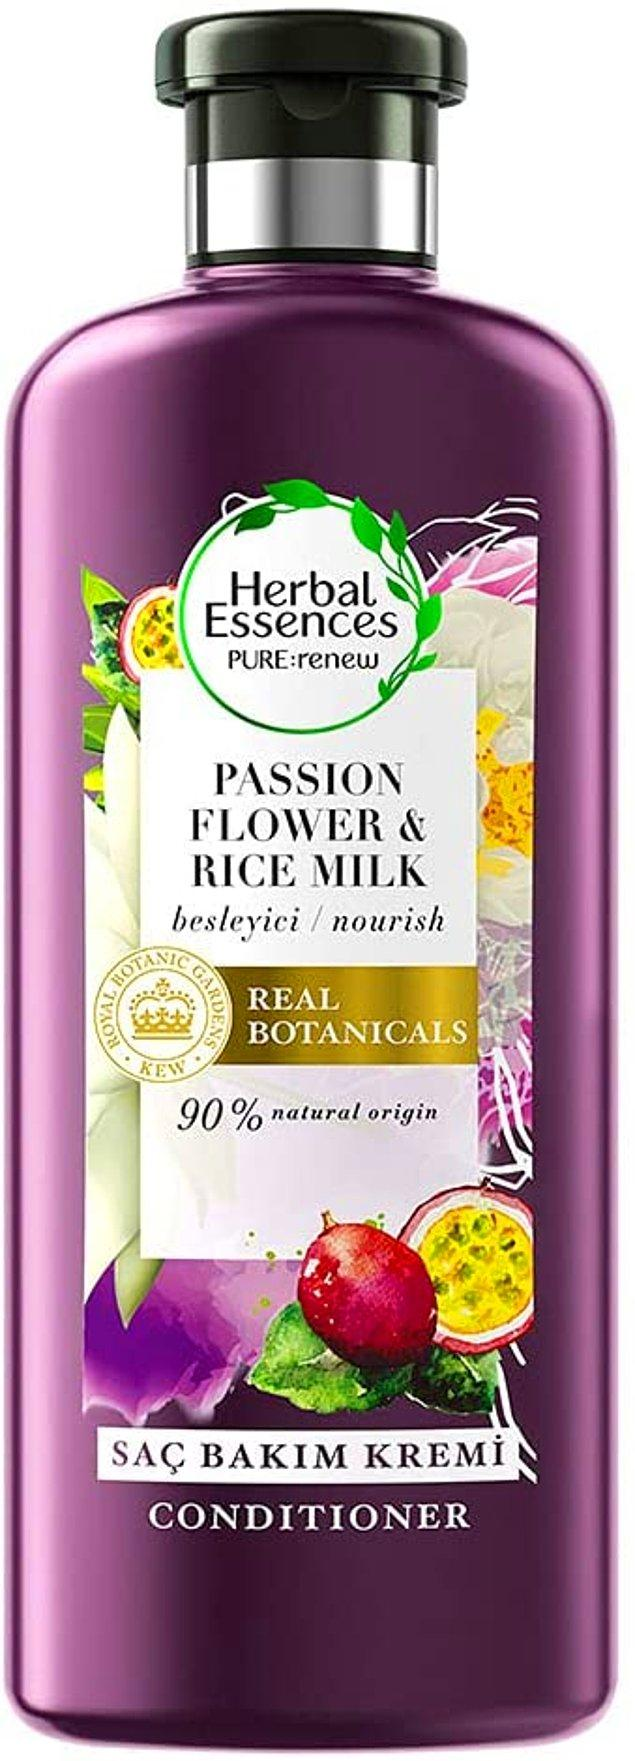 19. Herbal Essences saç kremi için piyasadaki en iyi saç kremi deniyor!😎